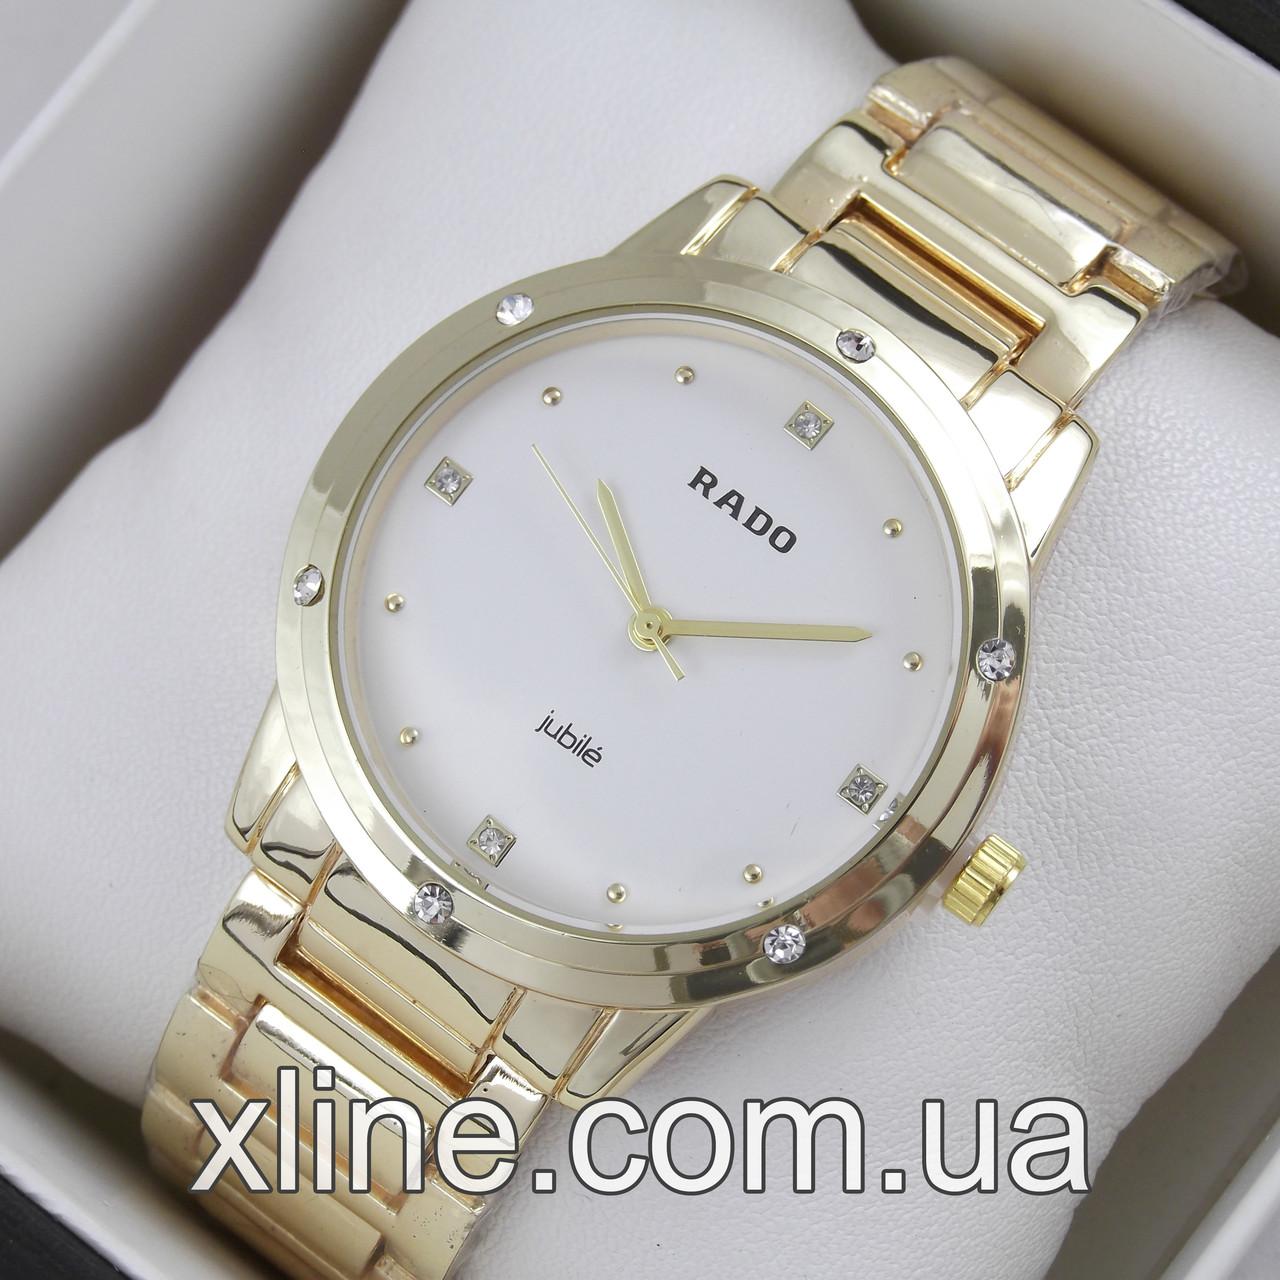 0a0ffff6 Женские наручные часы Rado A13 на металлическом браслете: продажа ...